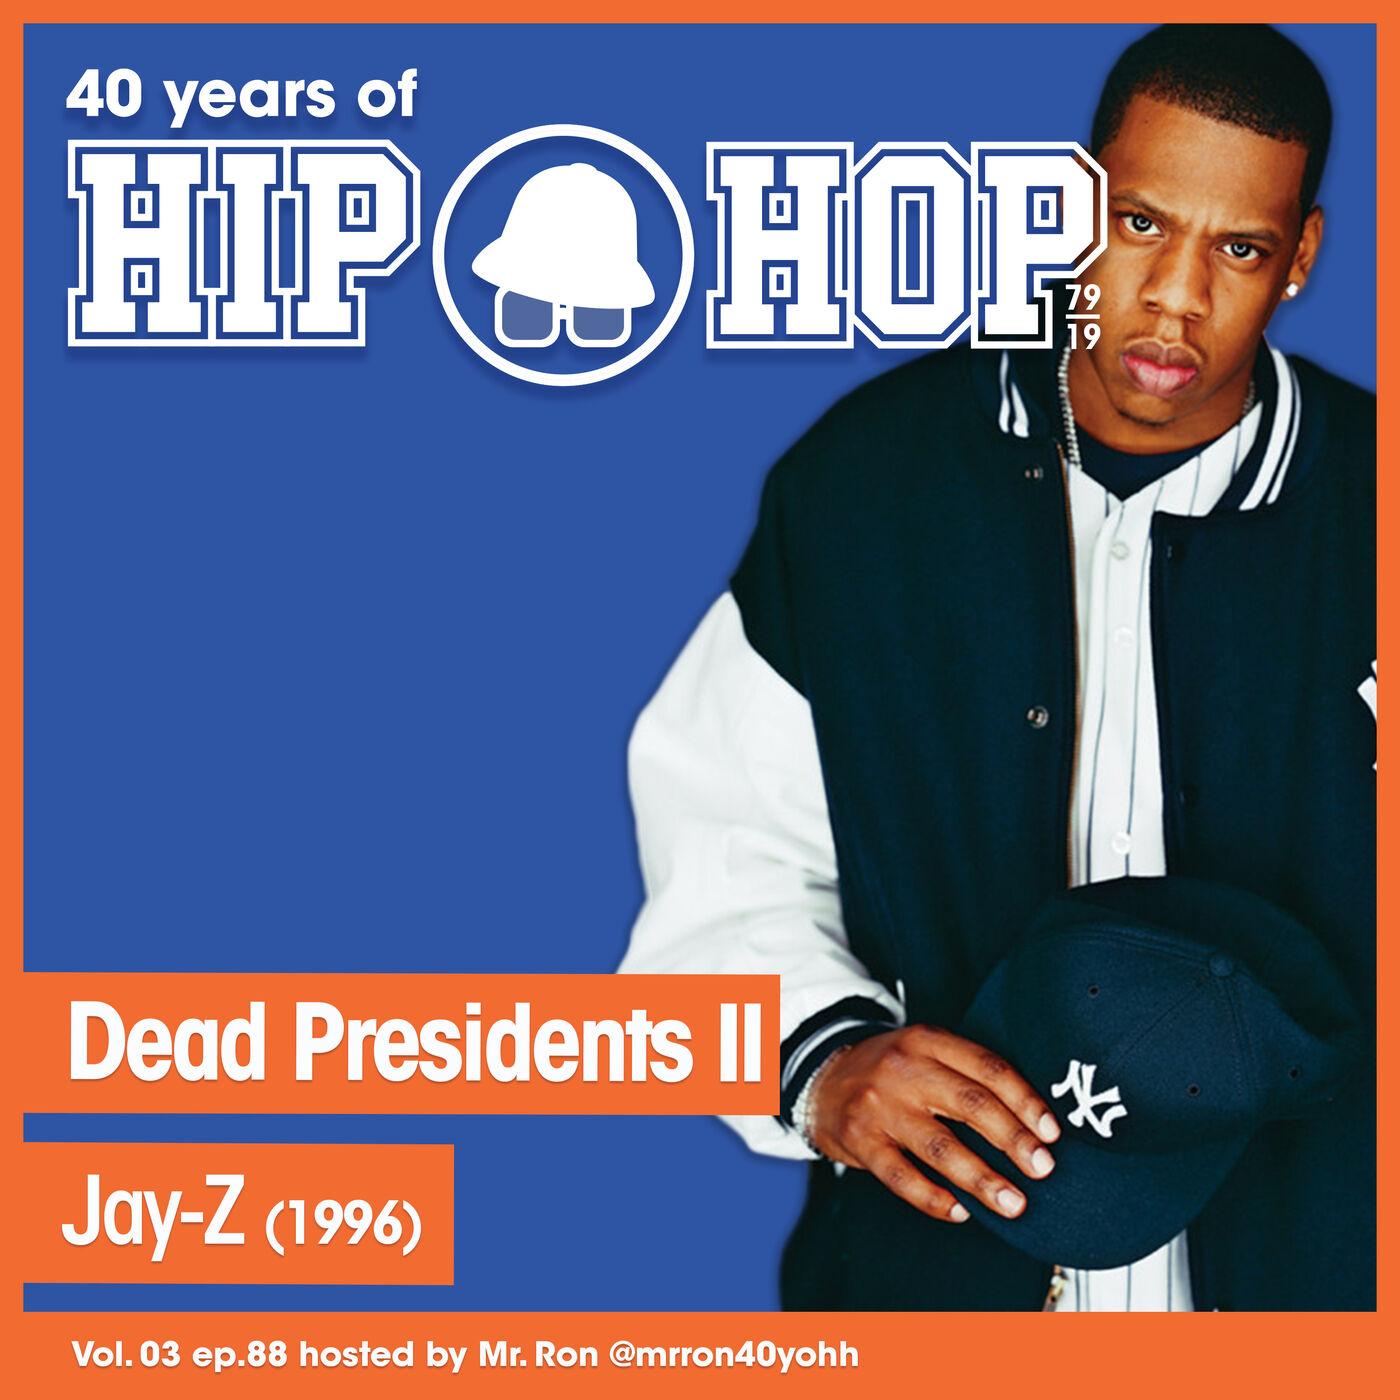 Vol.03 E88 - Dead Presidents II by Jay-Z released in 1996 - 40 Years of Hip Hop